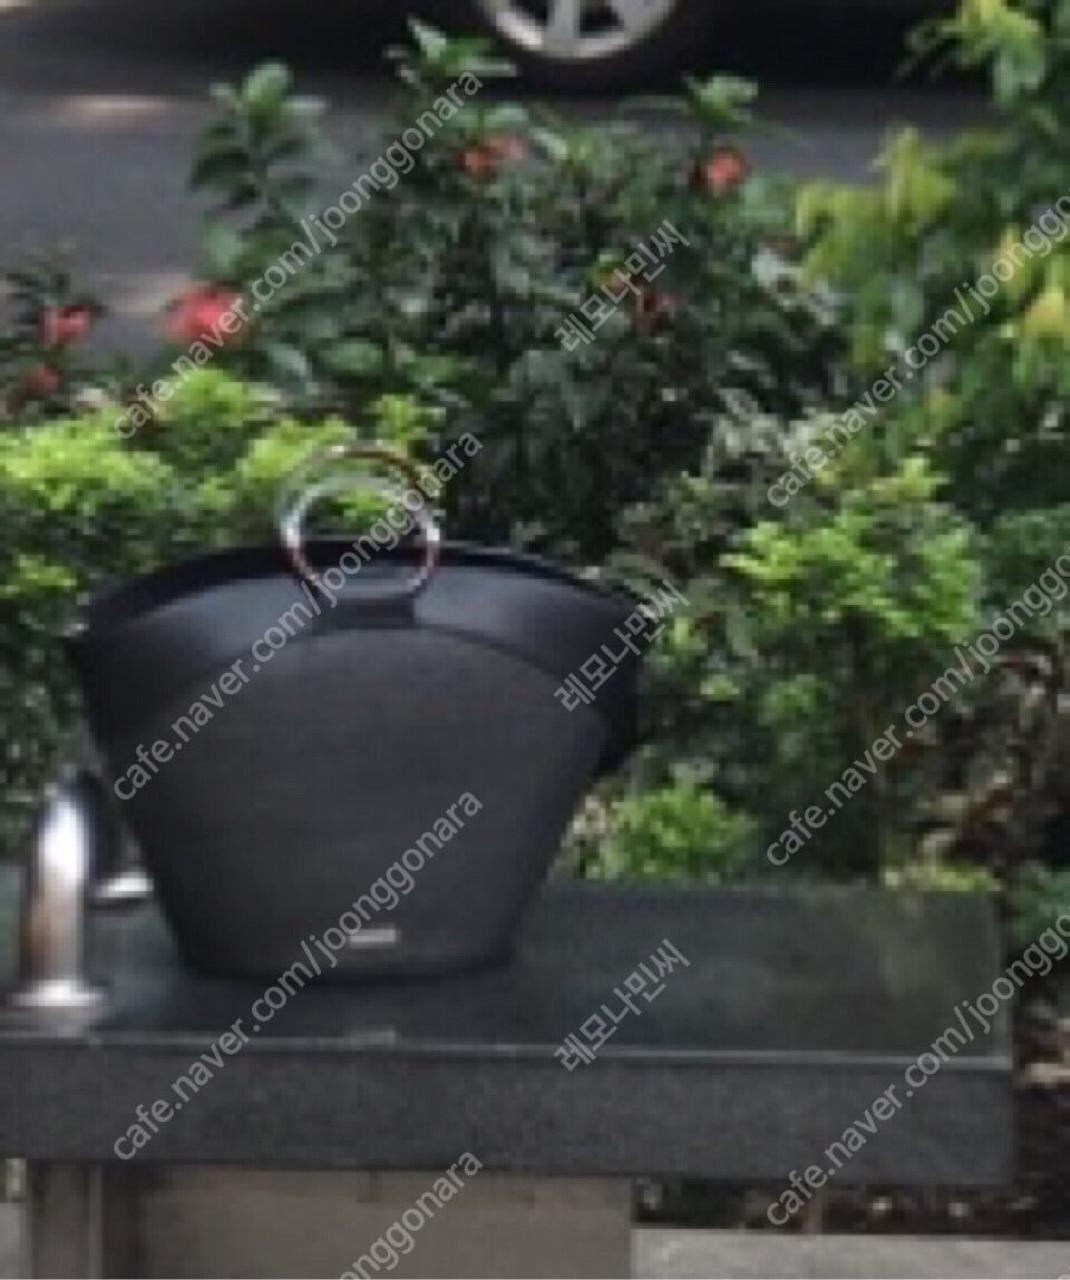 라탄백, 왕골백, 바구니백 판매 (찰스앤키스)